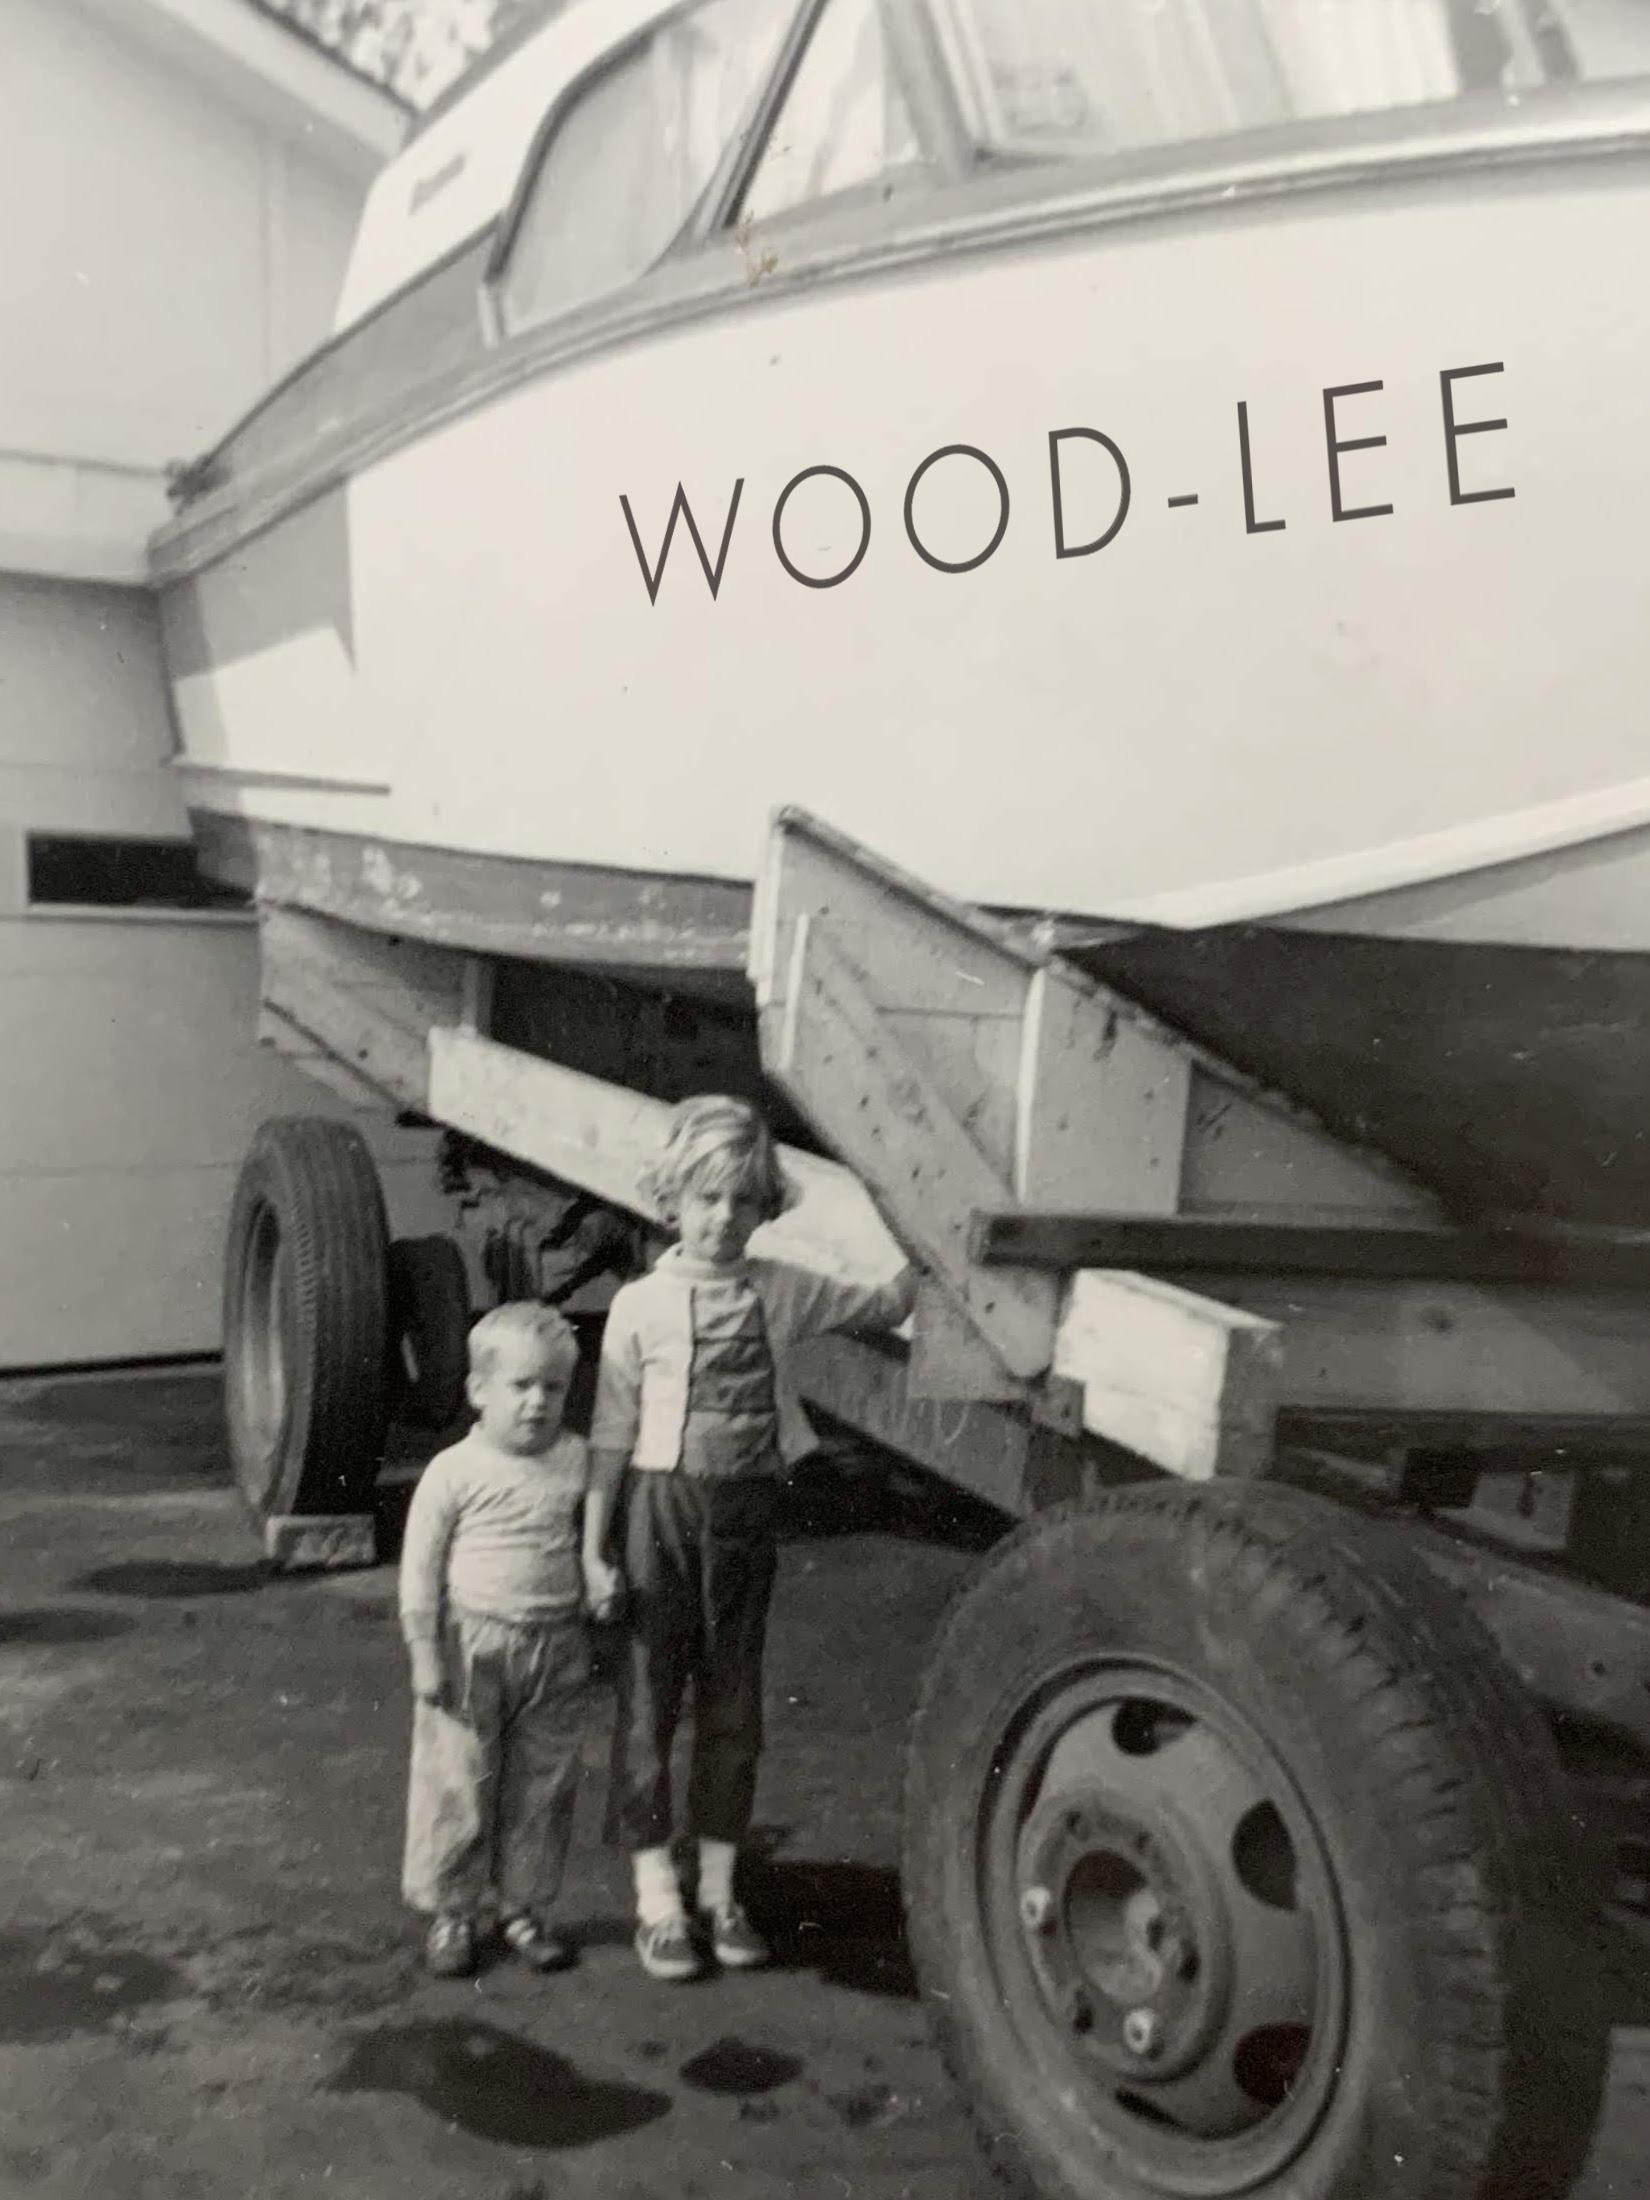 wood-lee-boat.jpg